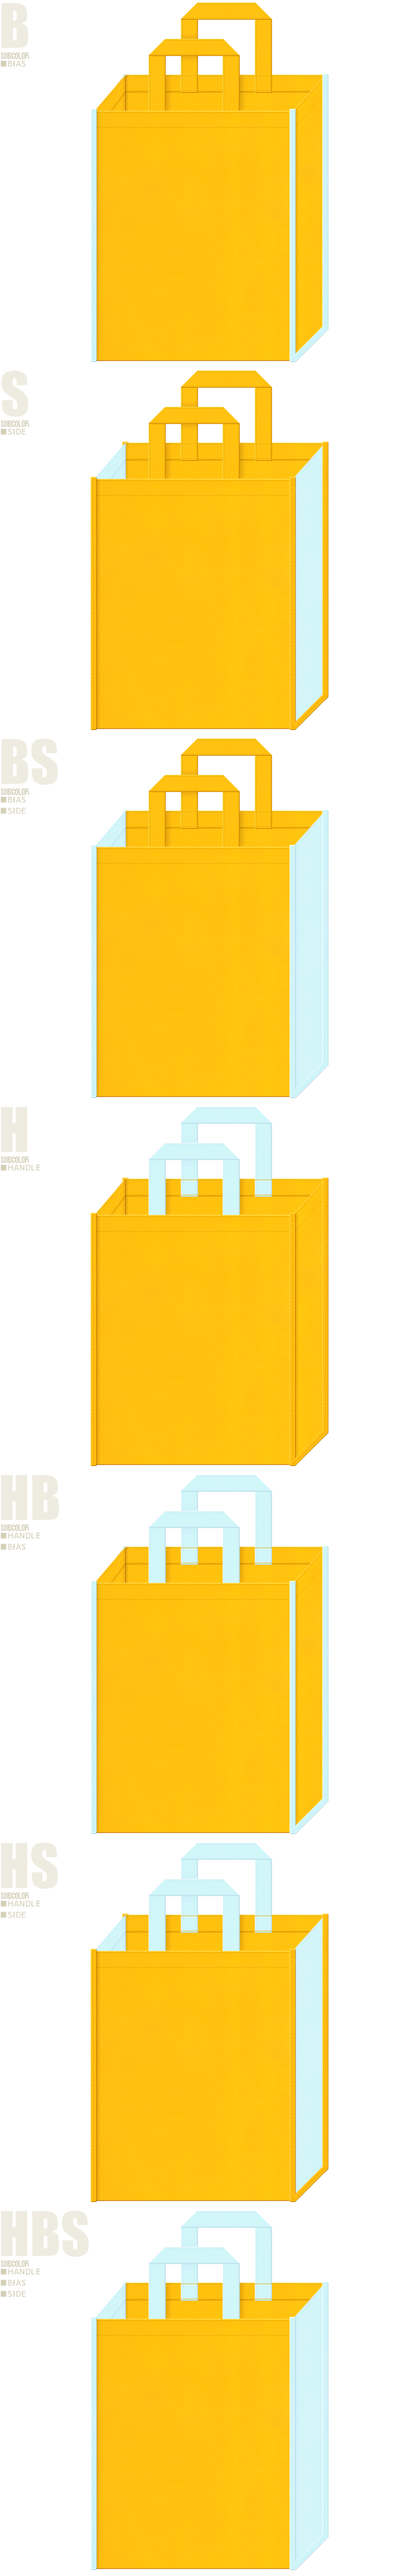 黄色と水色、7パターンの不織布トートバッグ配色デザイン例。